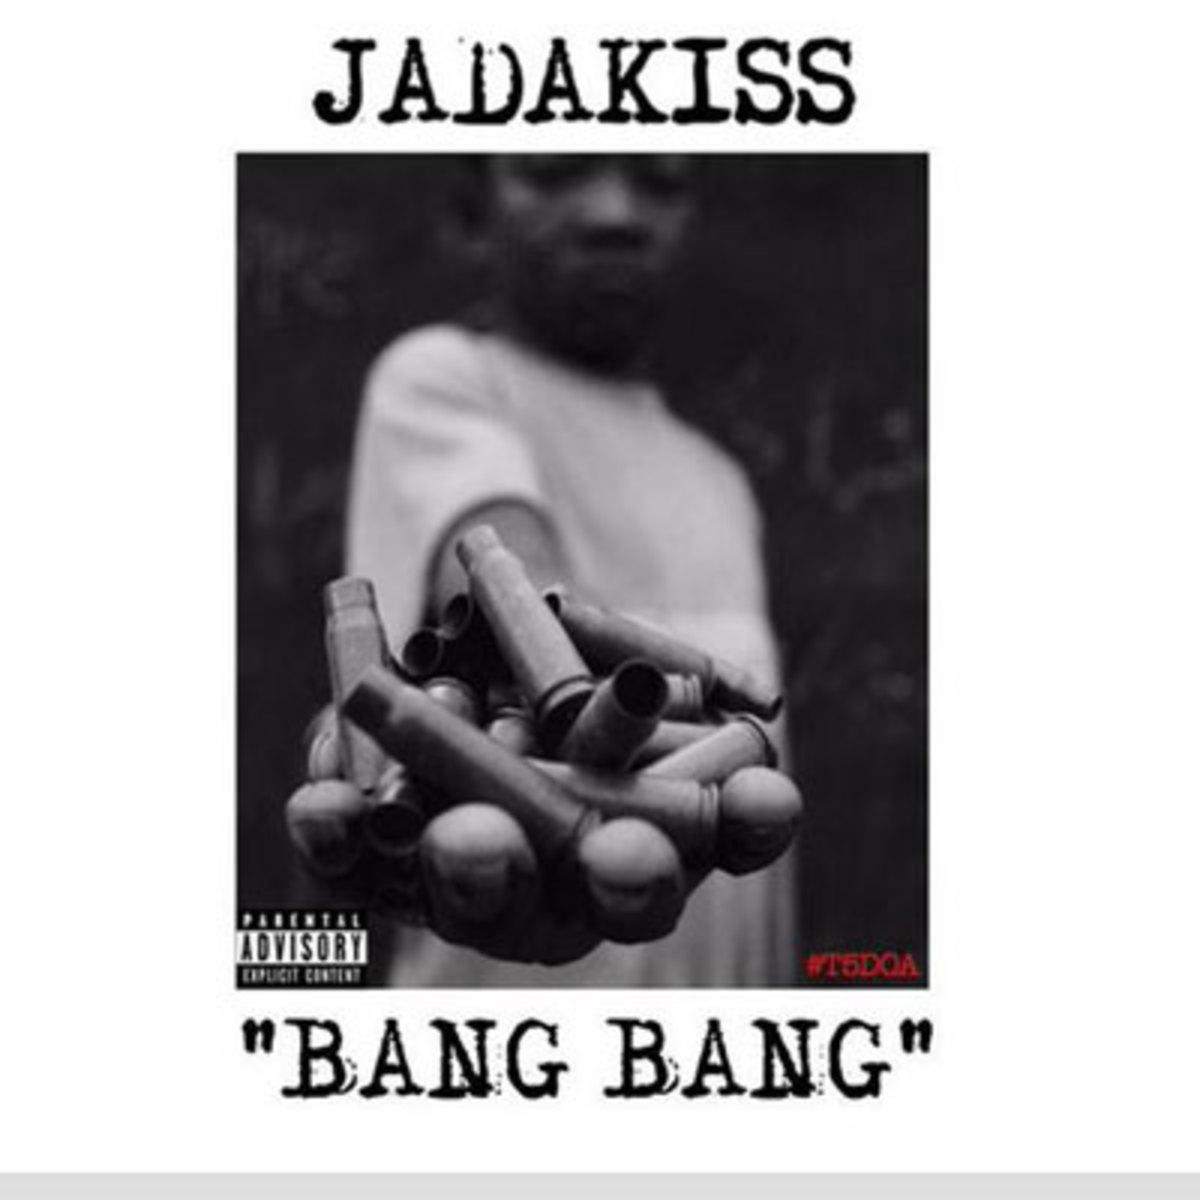 jadakiss-bang-bang.jpg